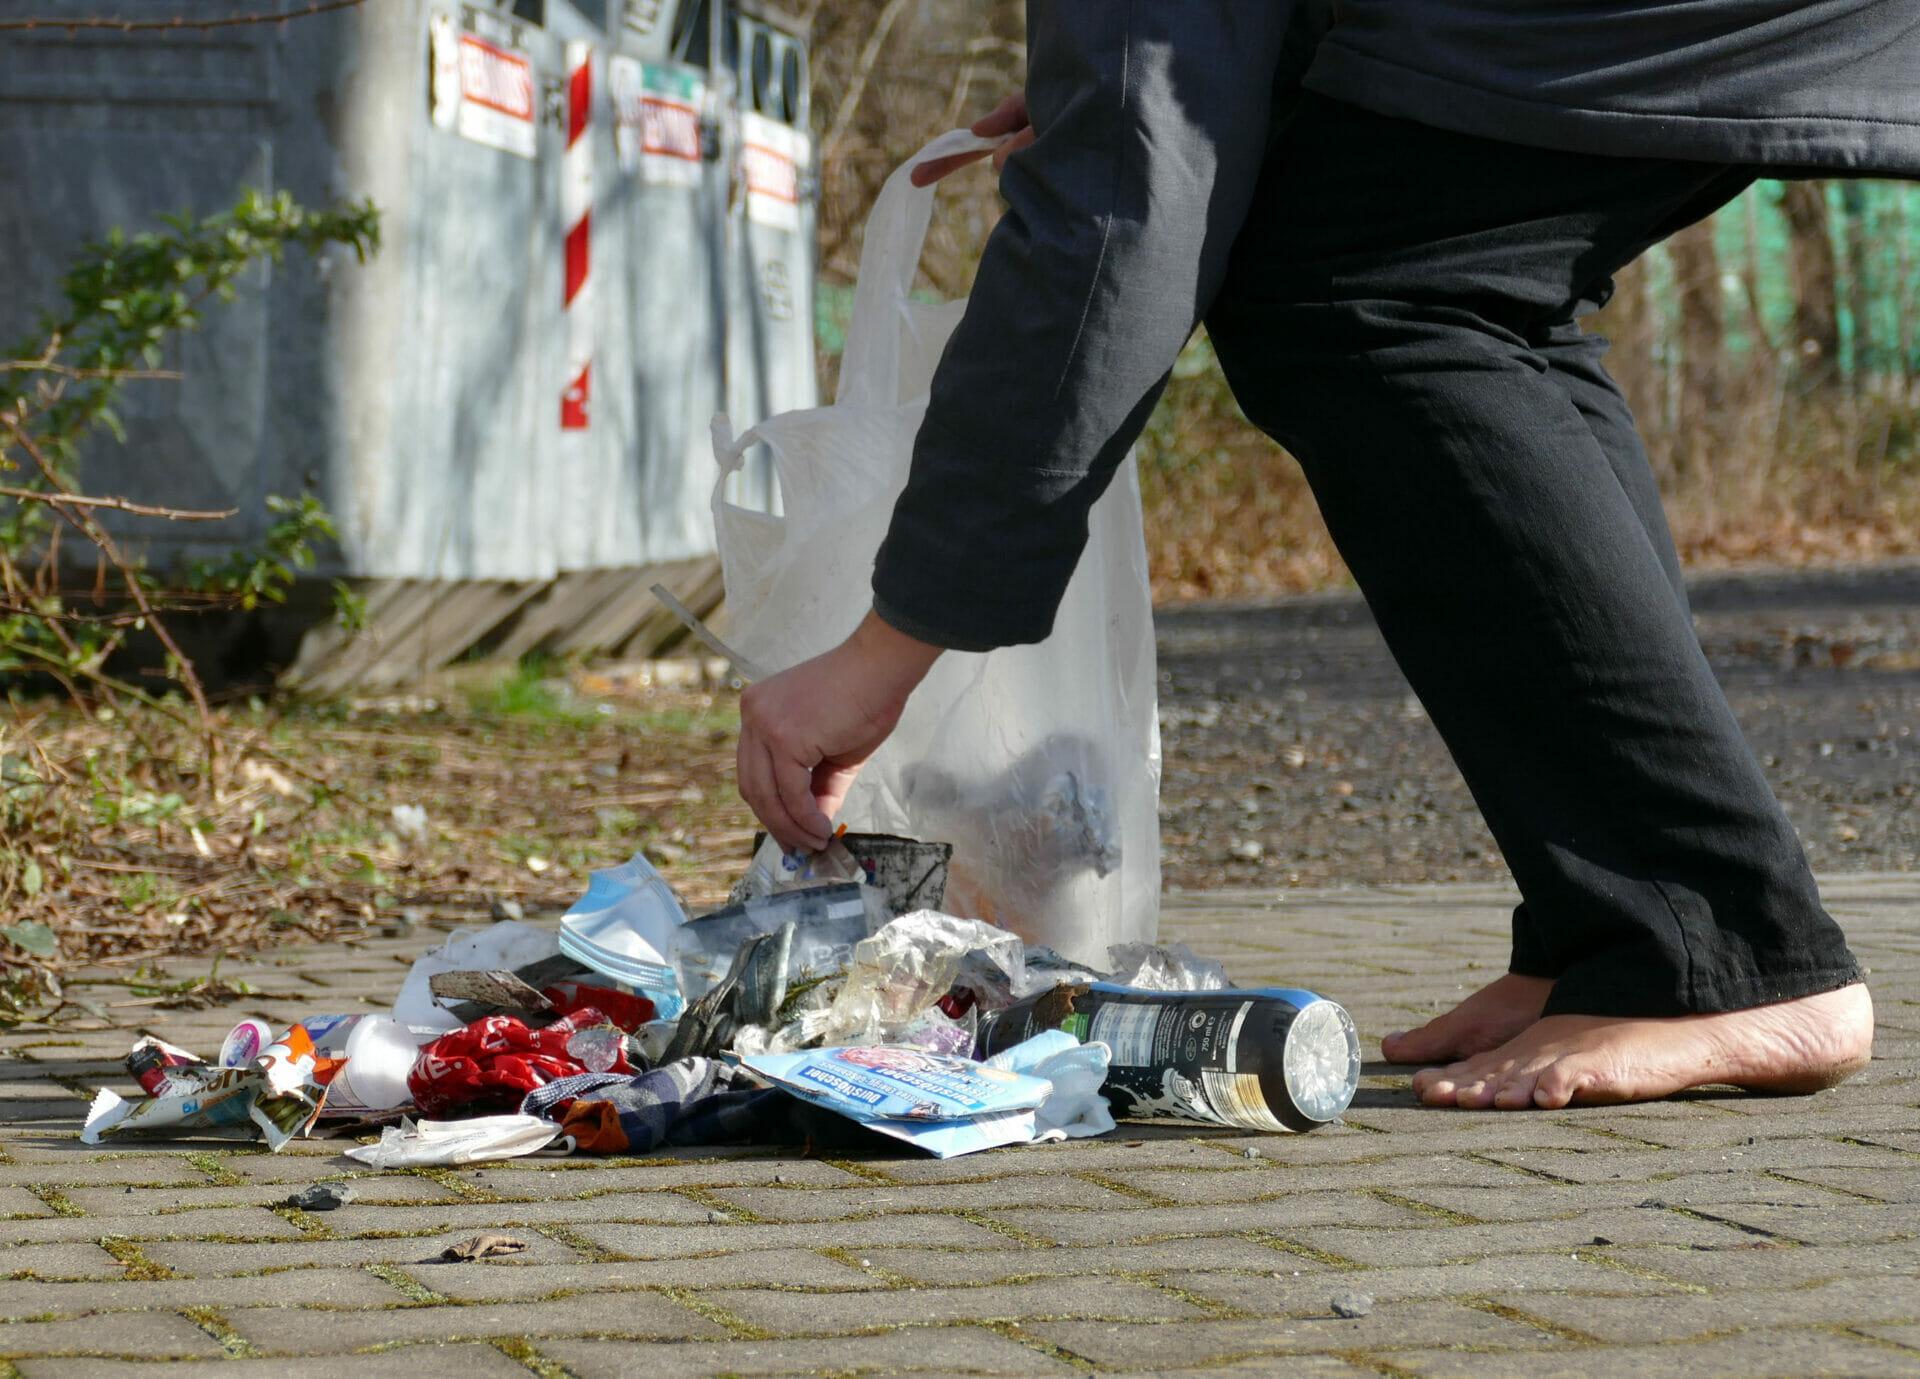 Worldcleanupday in Brühl (Nordrhein-Westfalen)